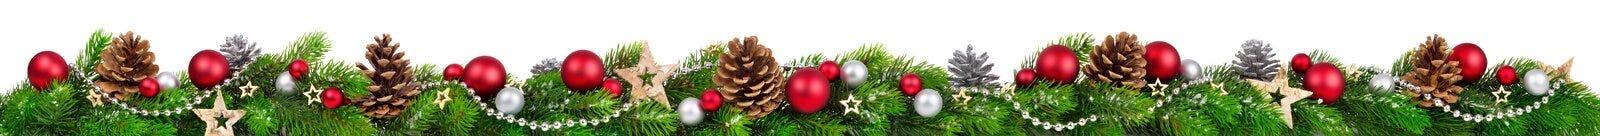 Kerstmisgrens, extra wijd Royalty-vrije Stock Afbeelding